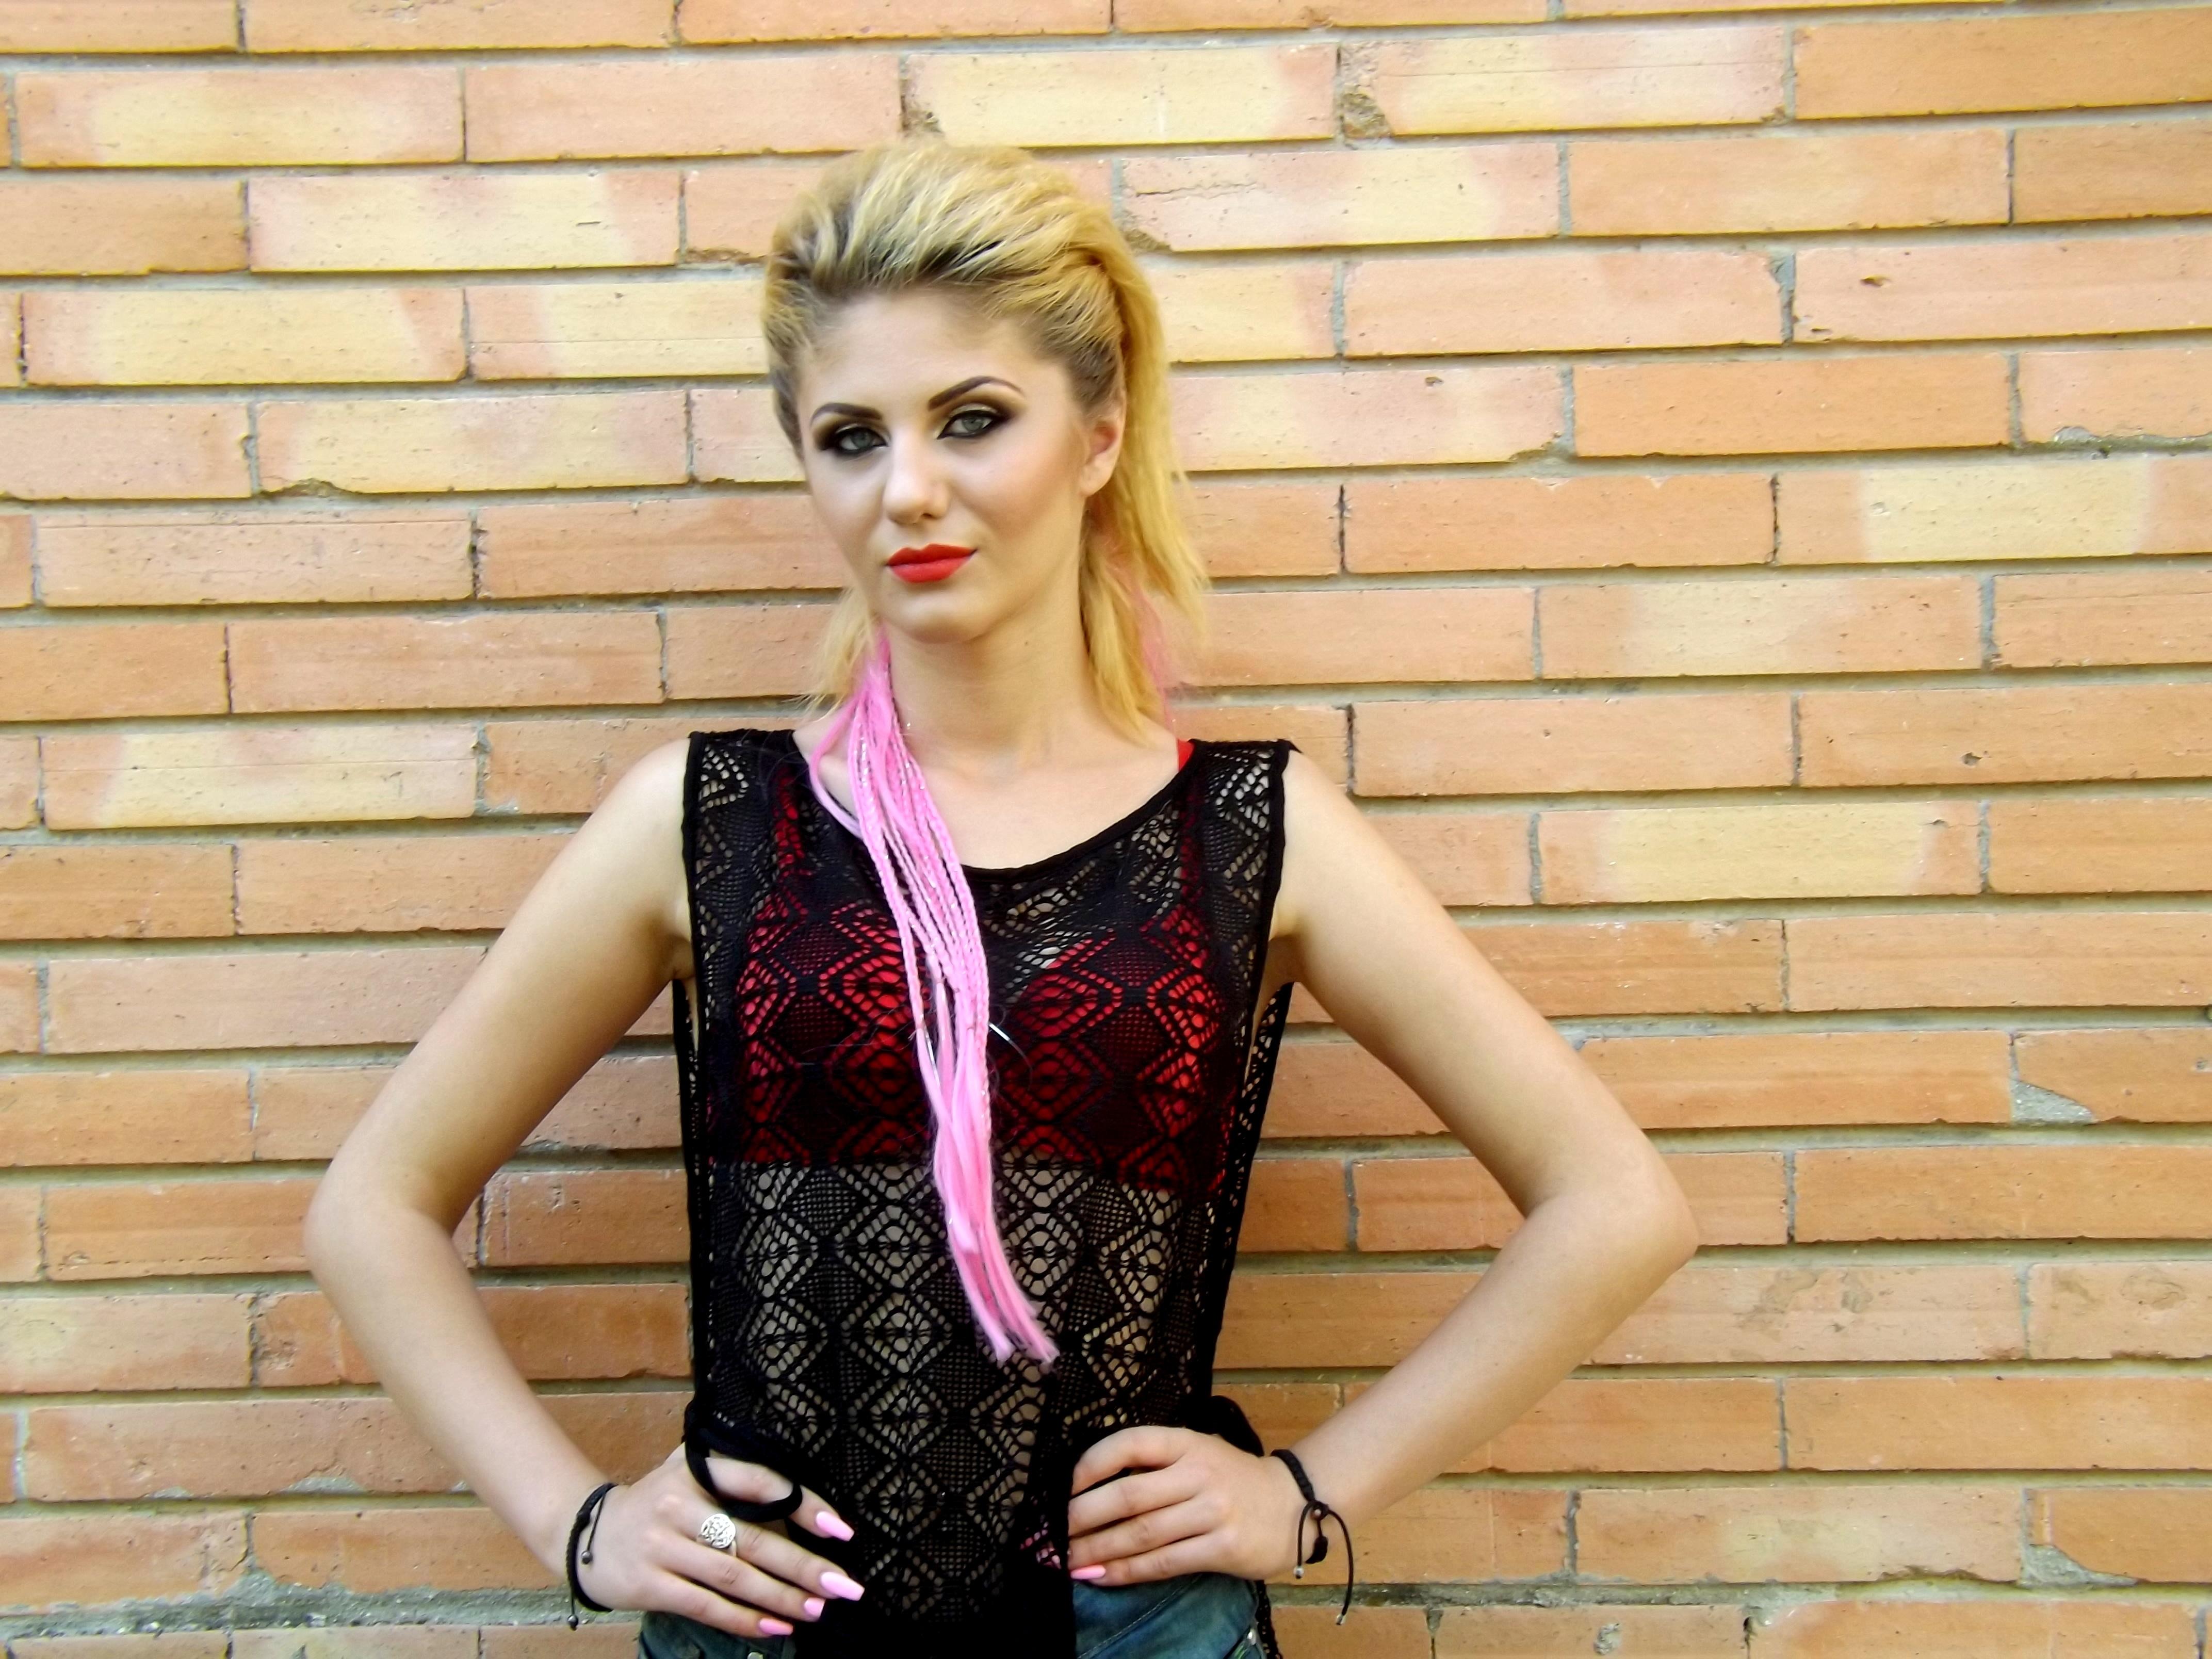 Fotoğraf Kaya Kız Desen Model Moda Giyim Bayan Dış Giyim